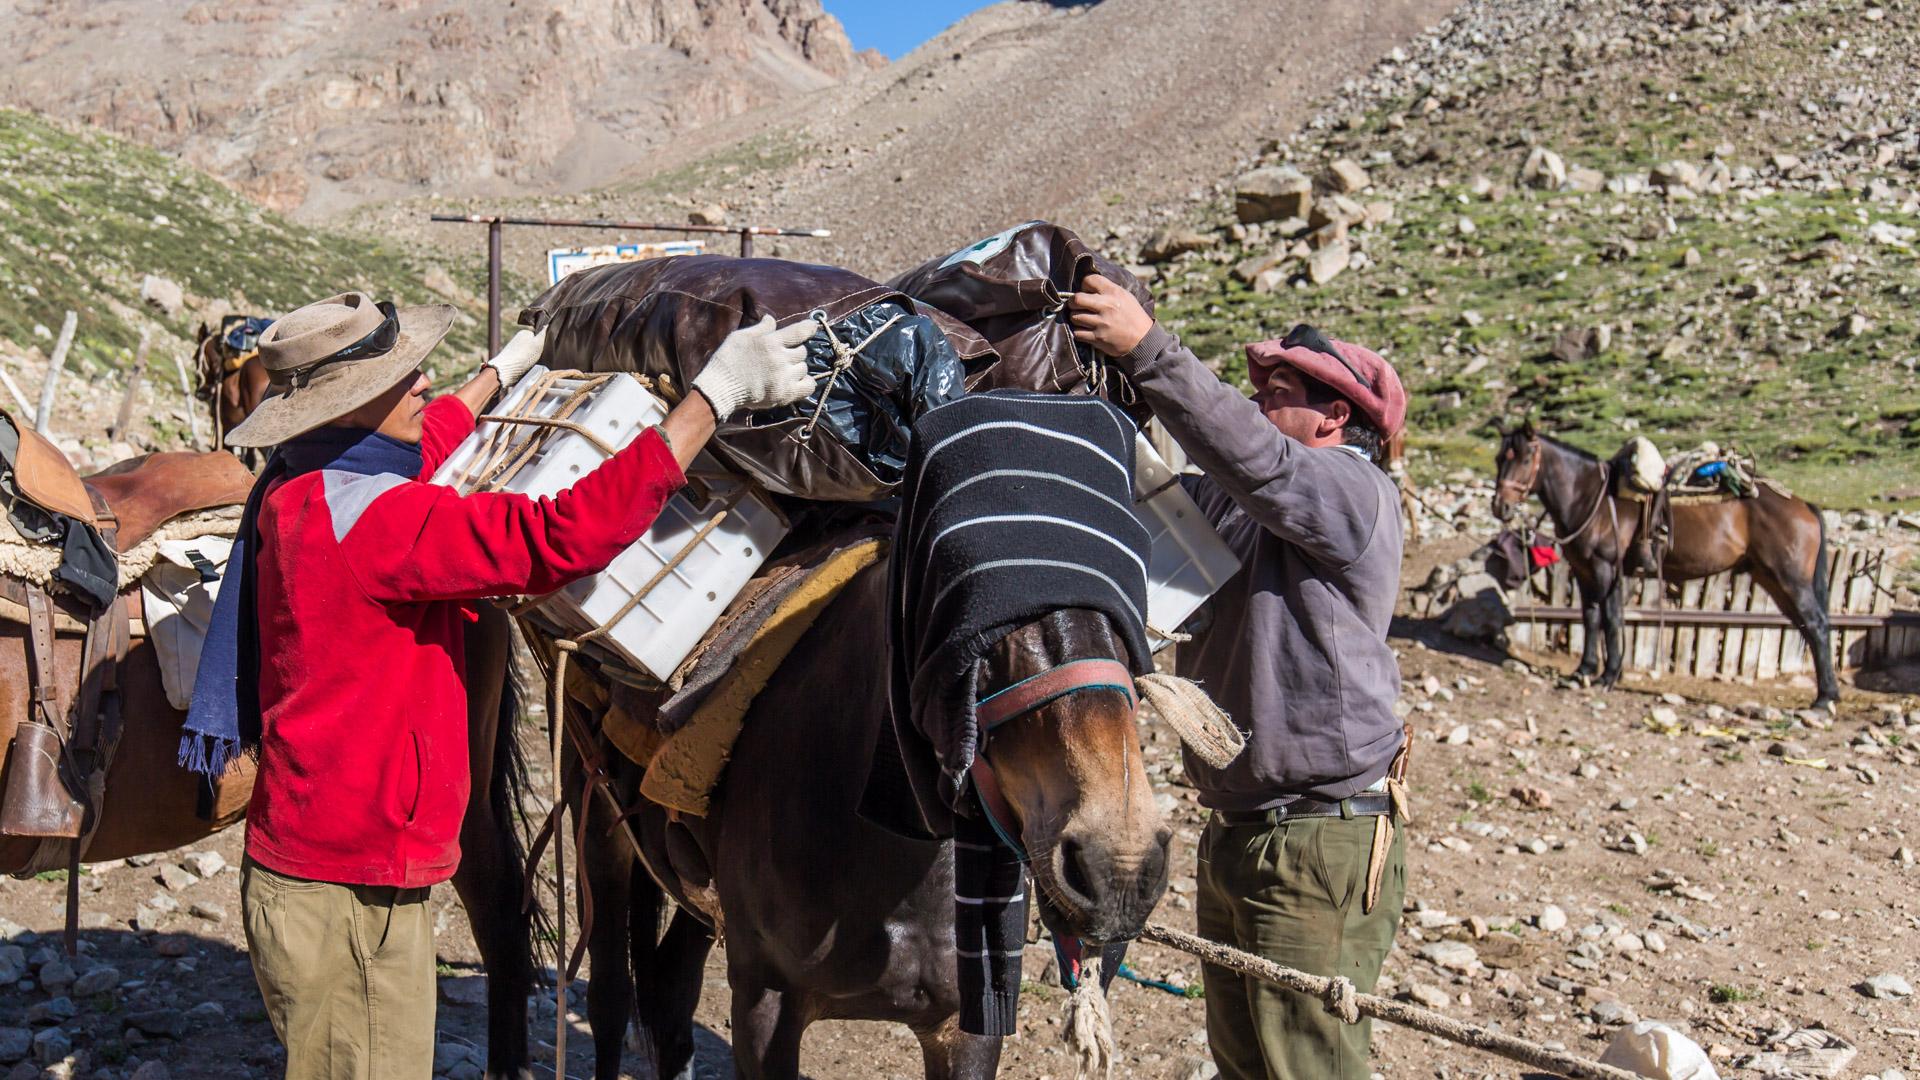 Nasze dzielne muły juczone ciężarami. Andes crossing